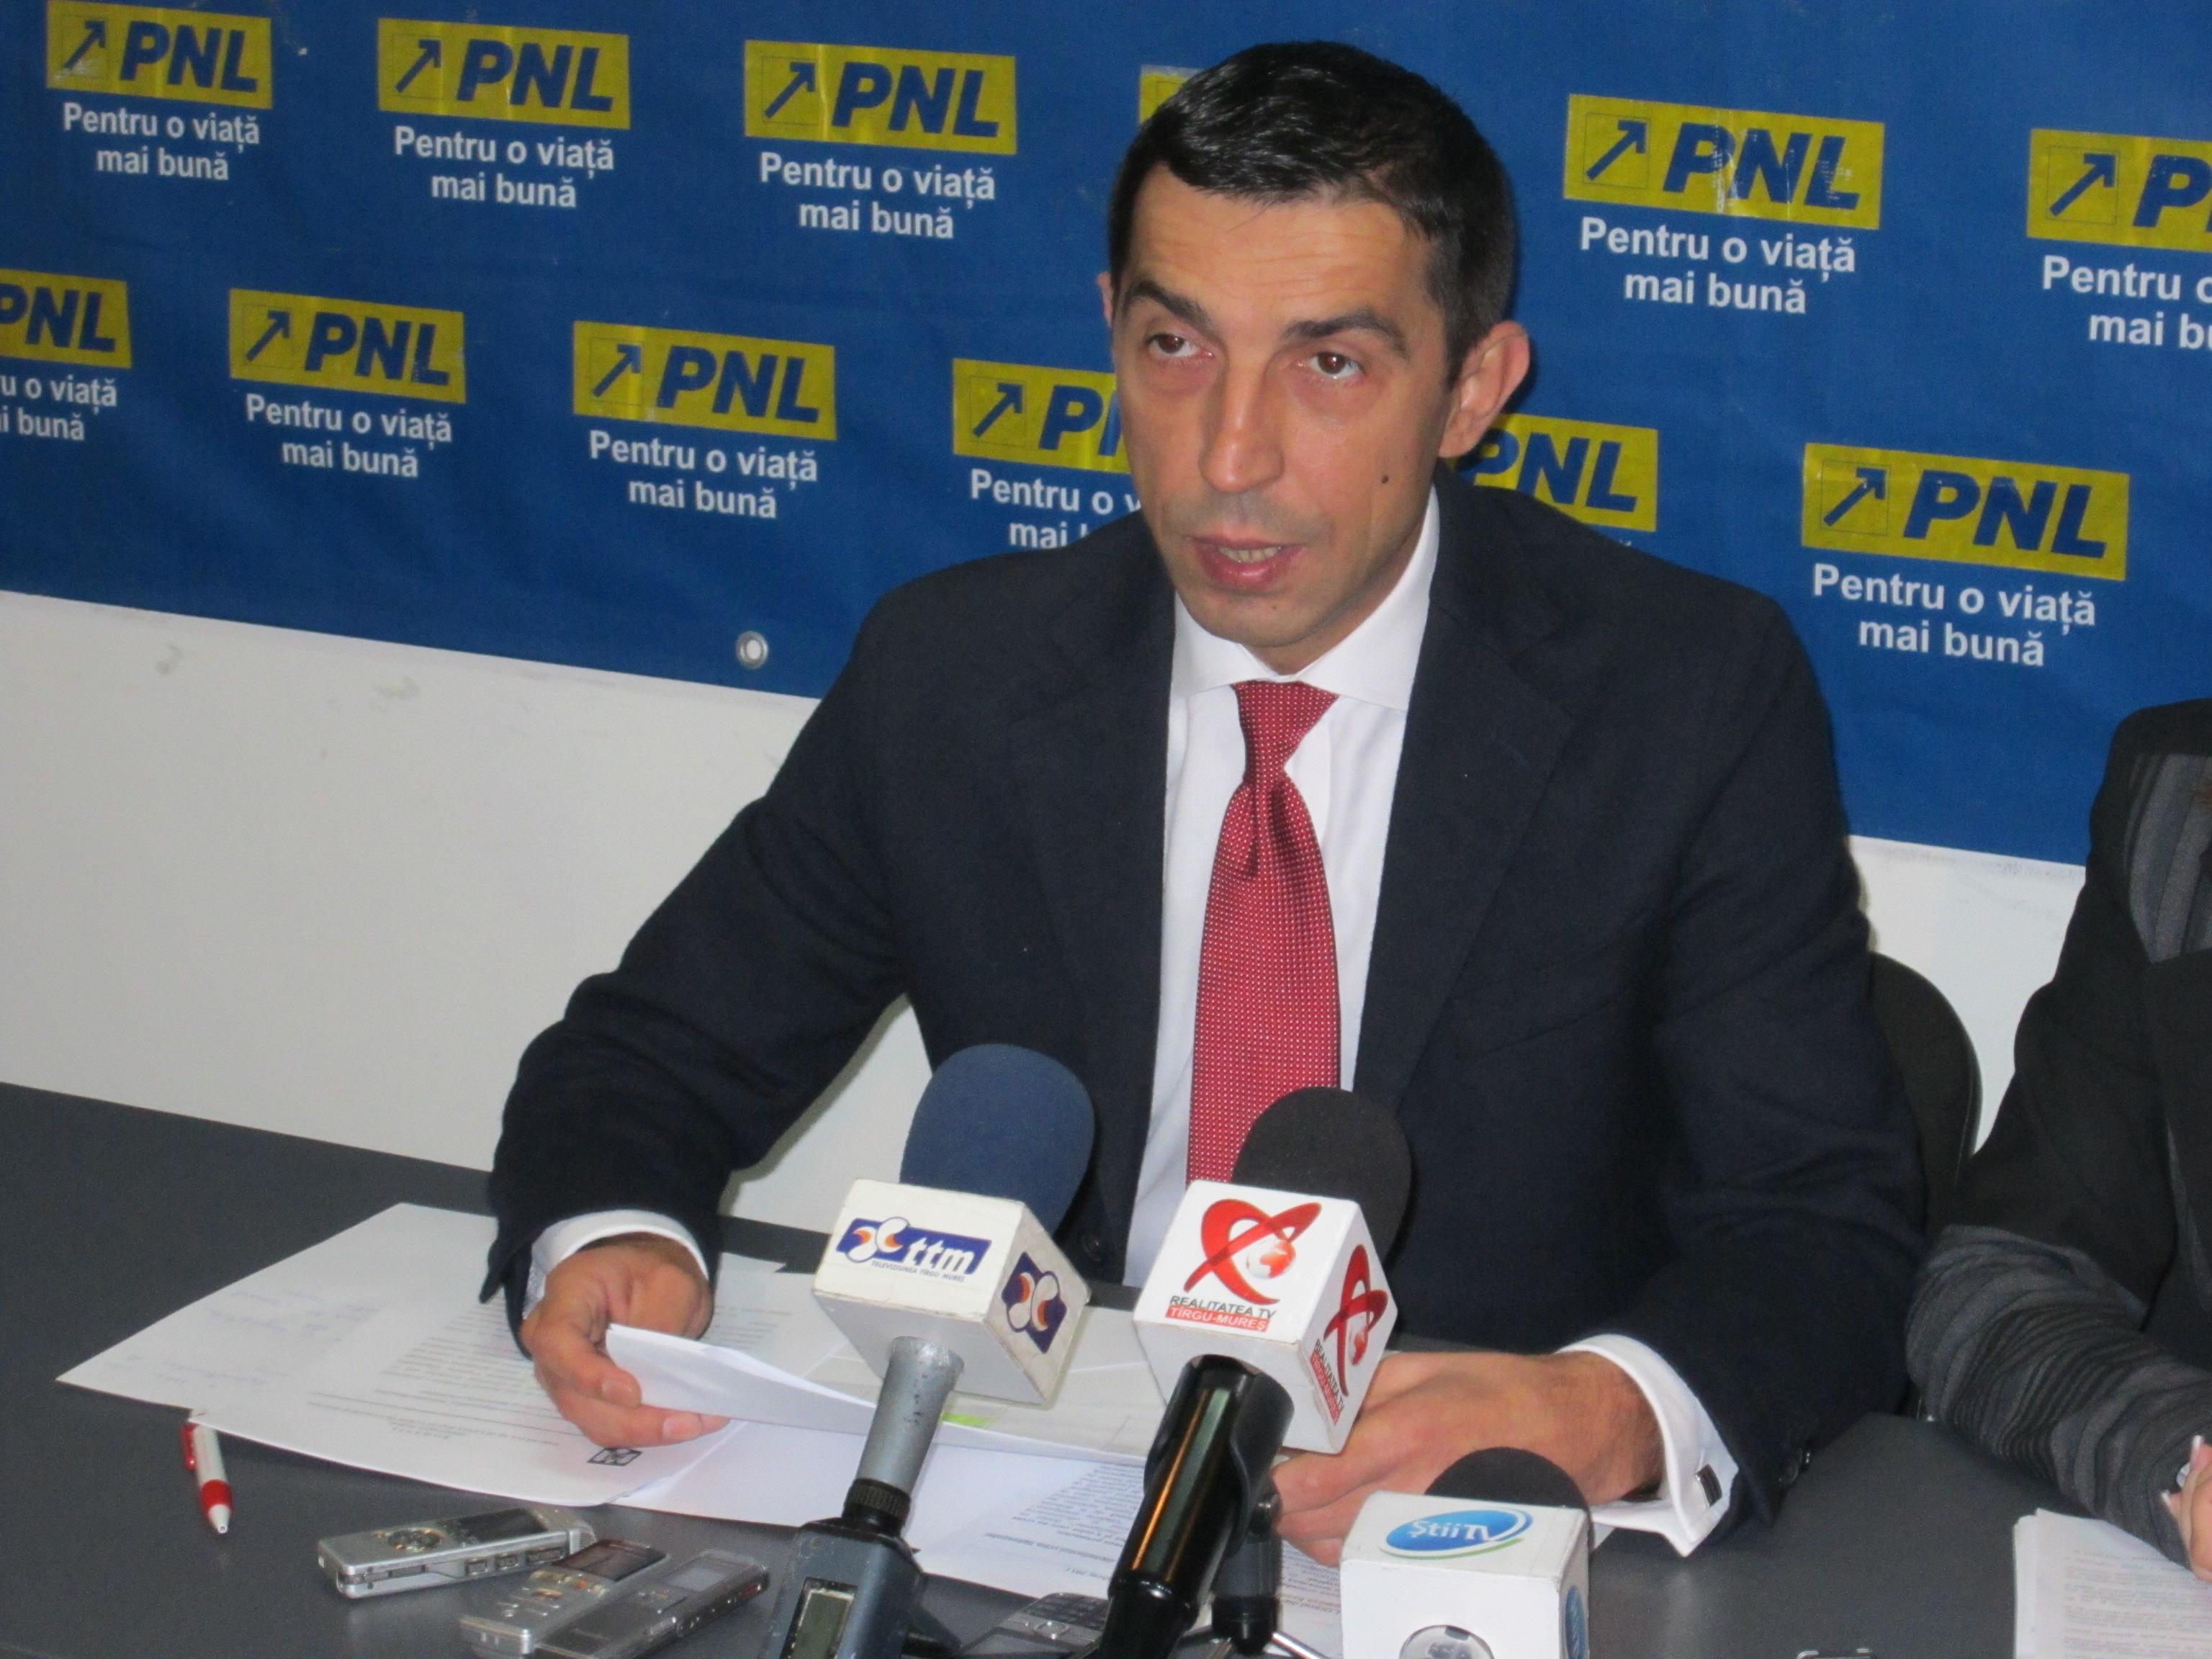 Opoziţia pregăteşte măsuri dure la proiectul de comasare a alegerilor, a anunţat deputatul Ciprian Dobre.